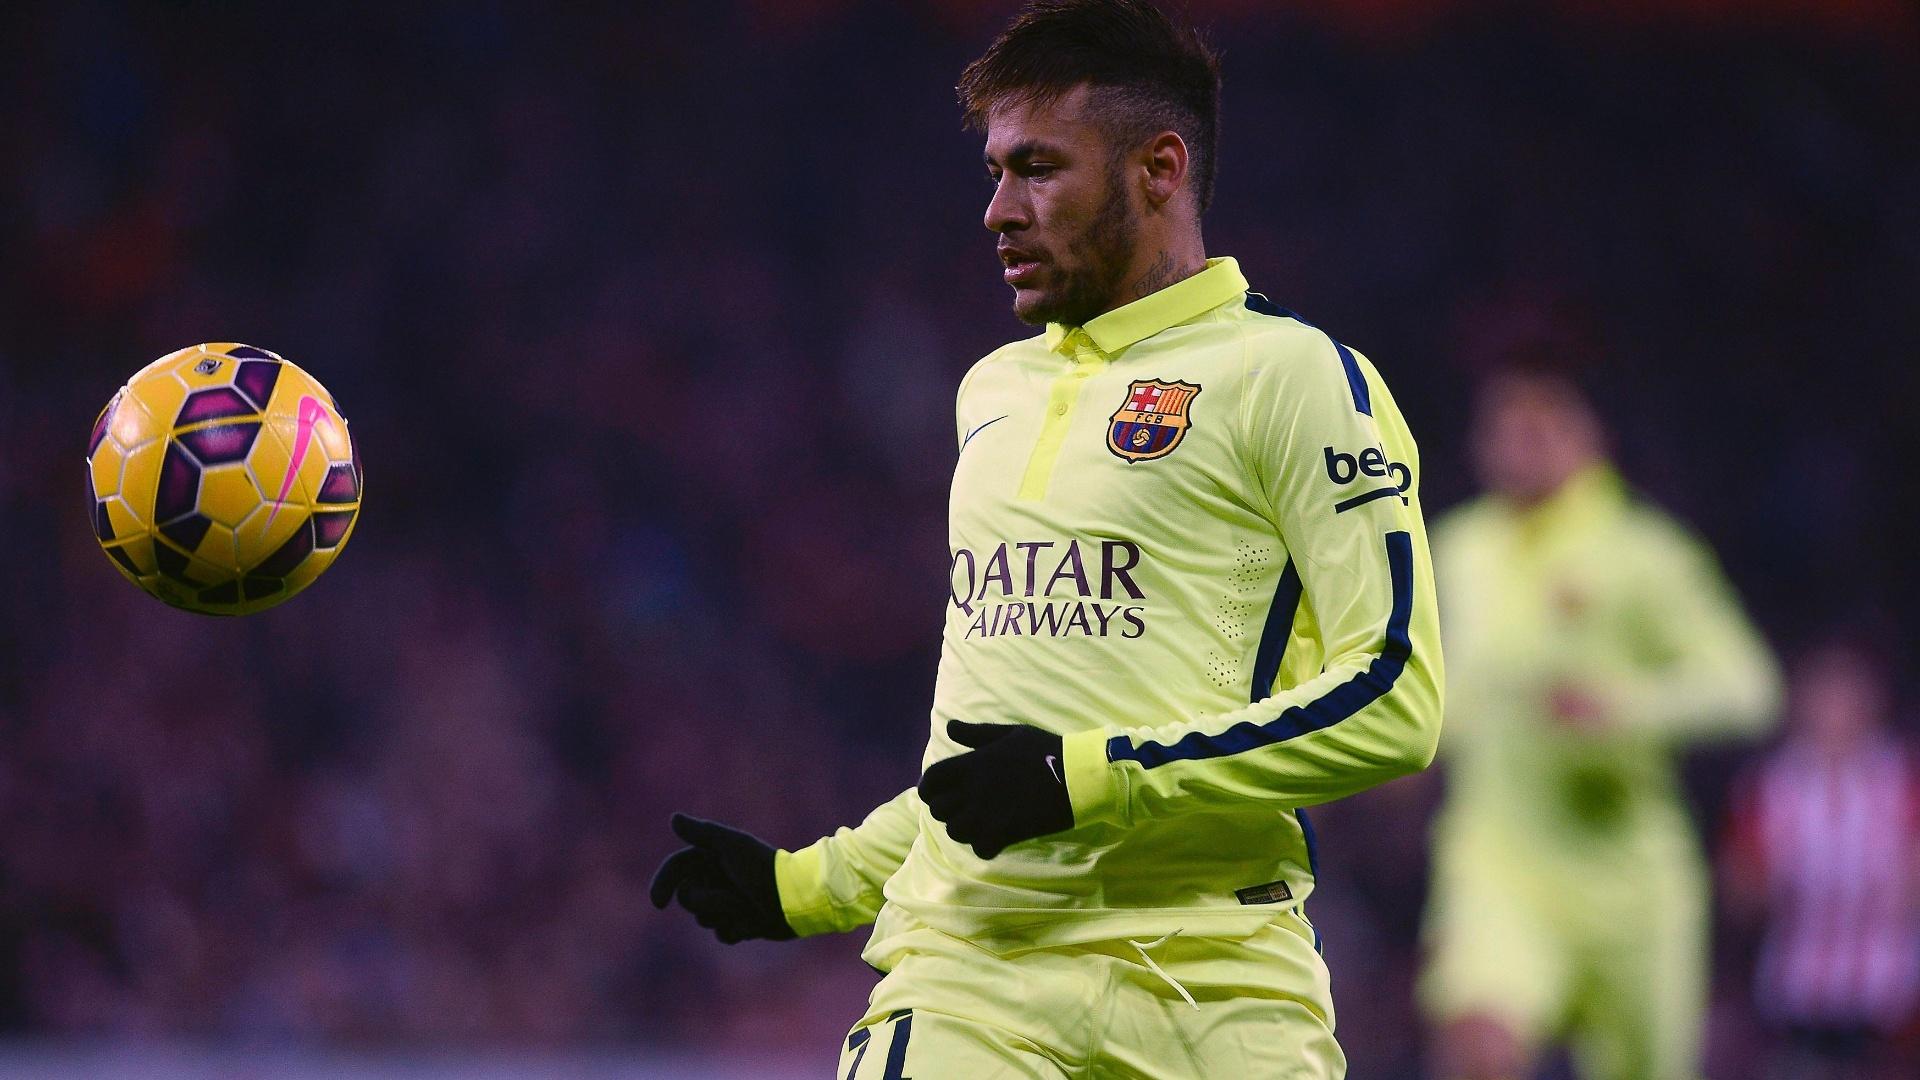 Neymar faz o domínio de bola para o Barcelona contra o Athletic Bilbao pelo Campeonato Espanhol